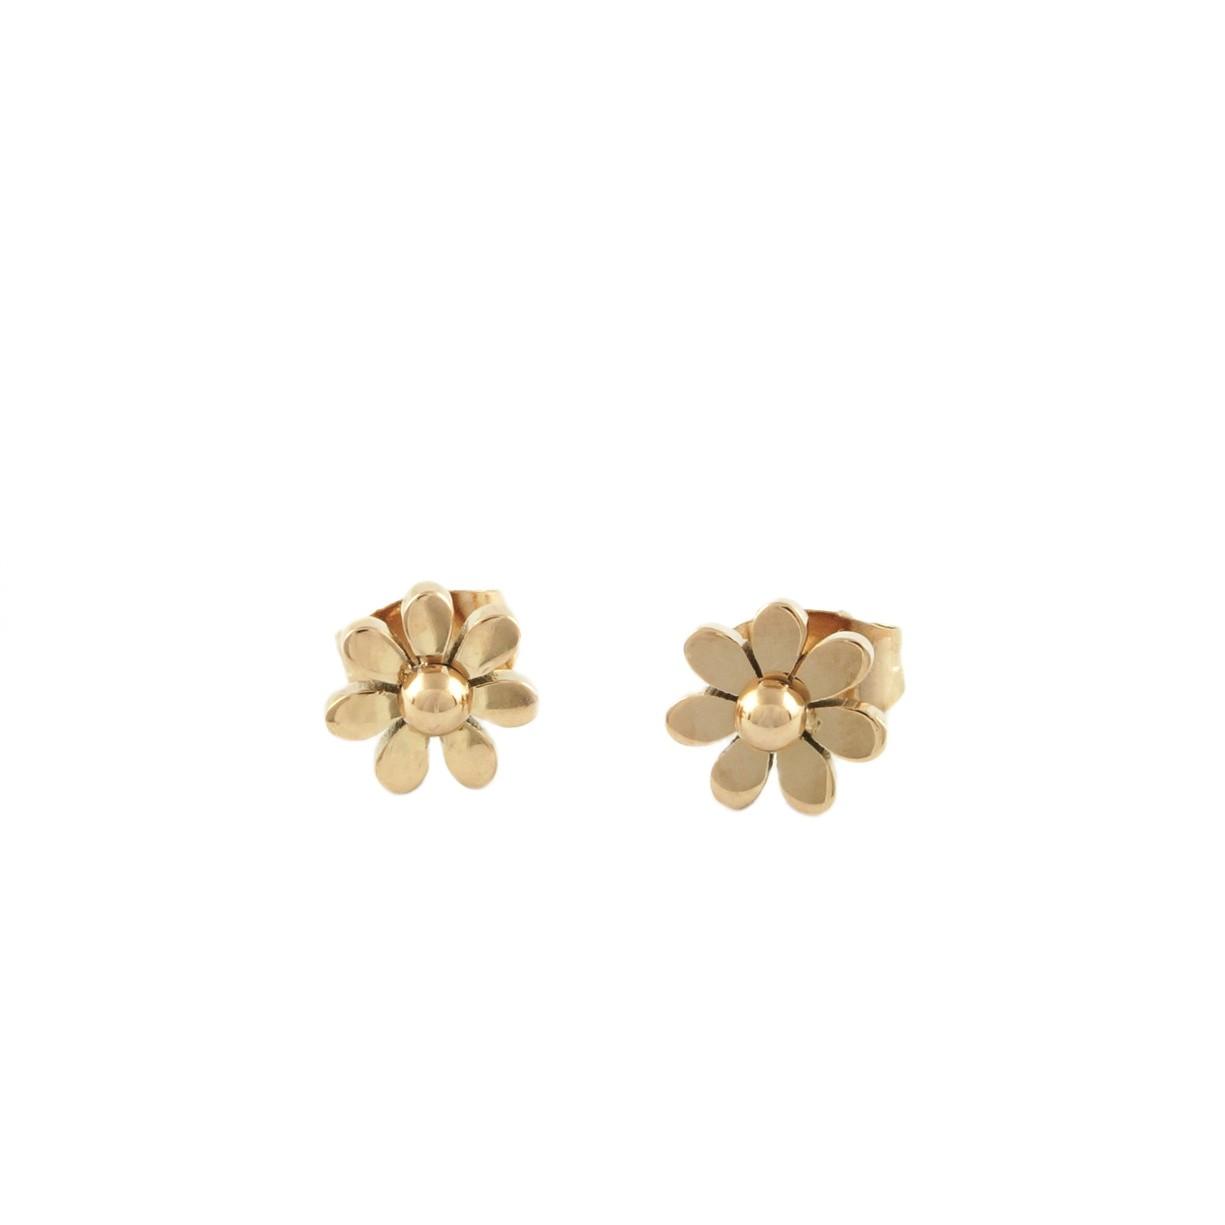 Dainty flower studs earrings